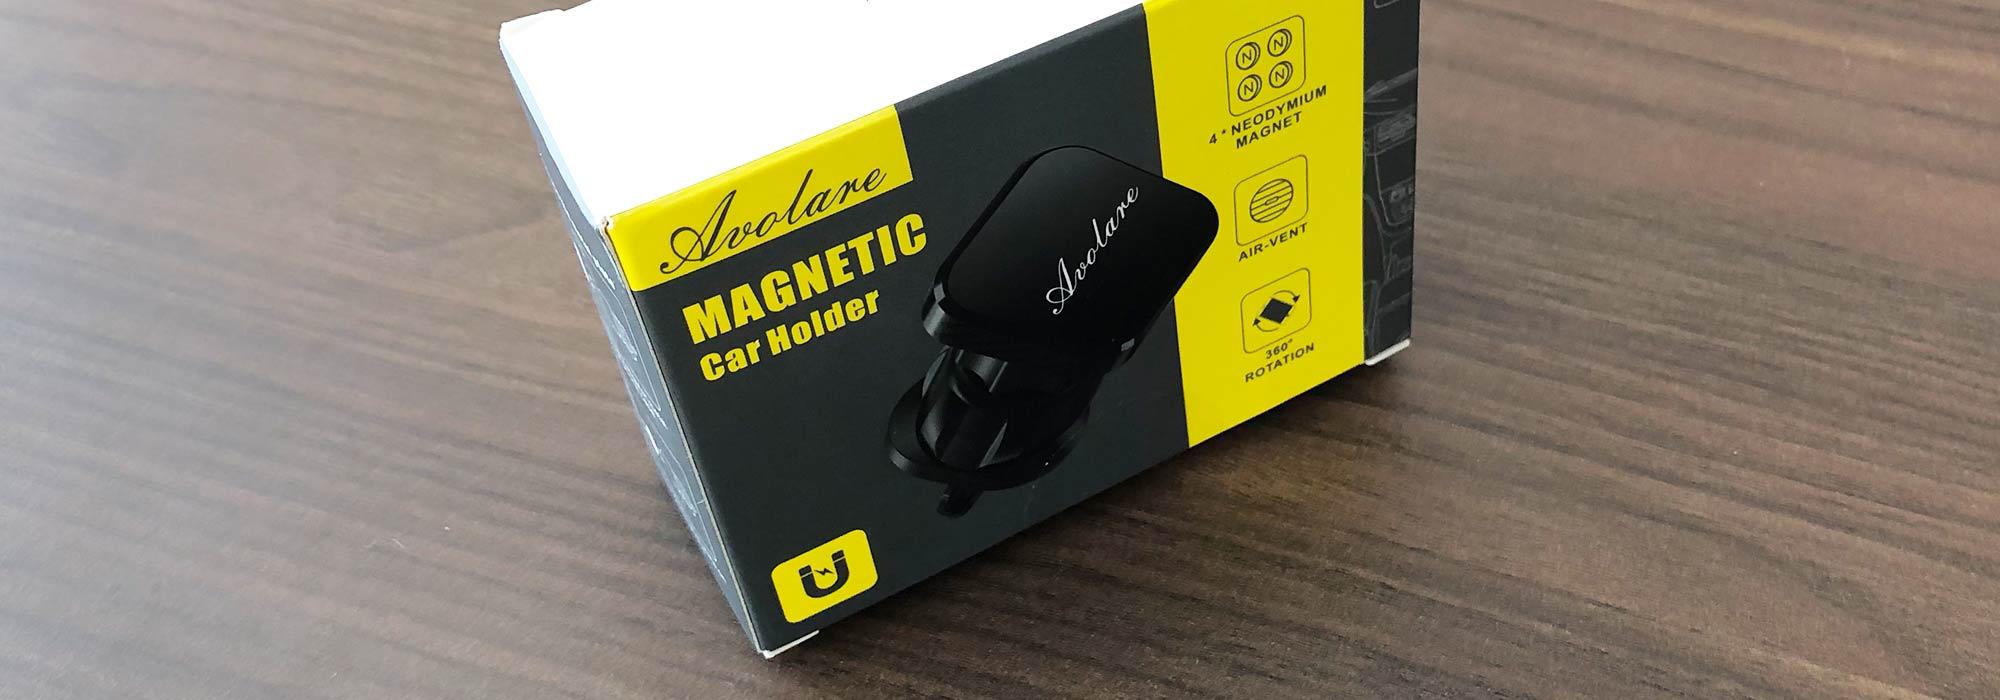 Magnetische Handyhalterung von Avolare im Test